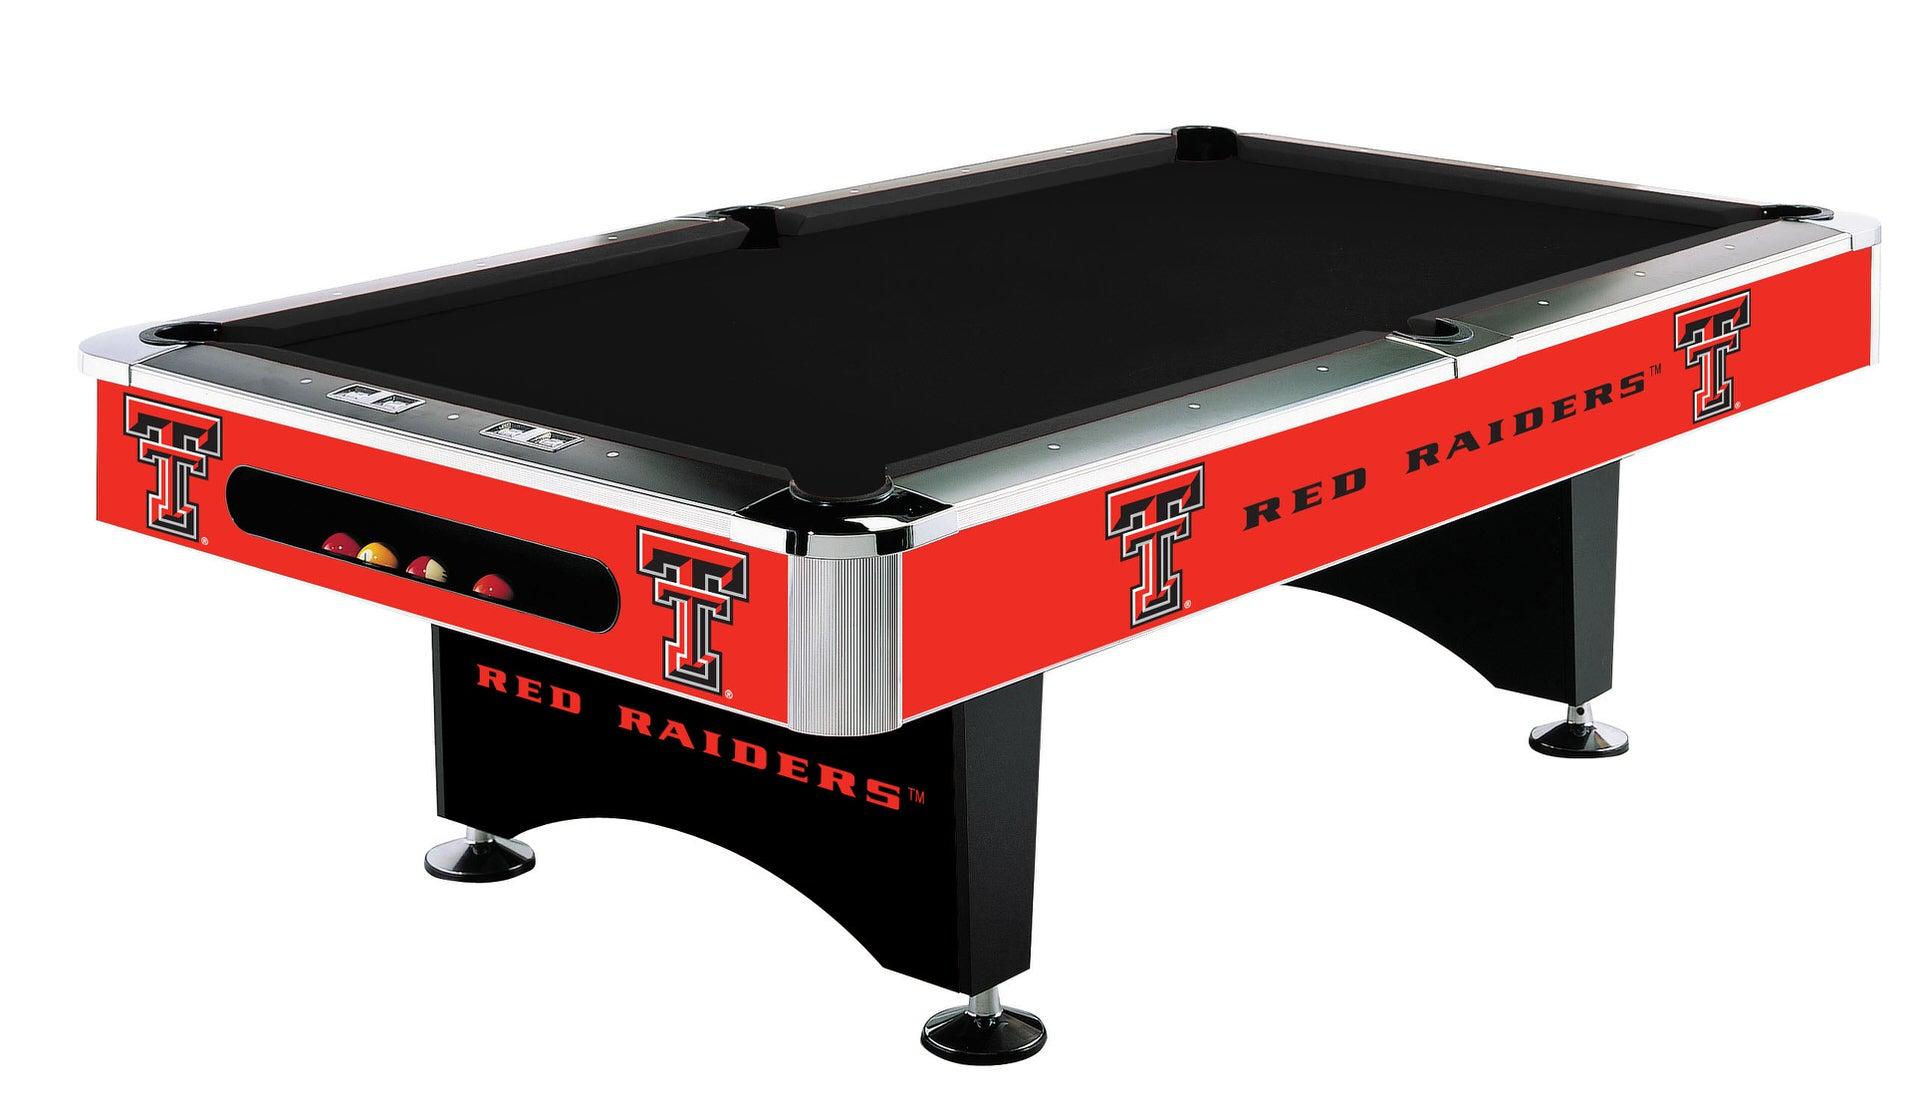 Attirant Red Raiders TX Tech Pool Table